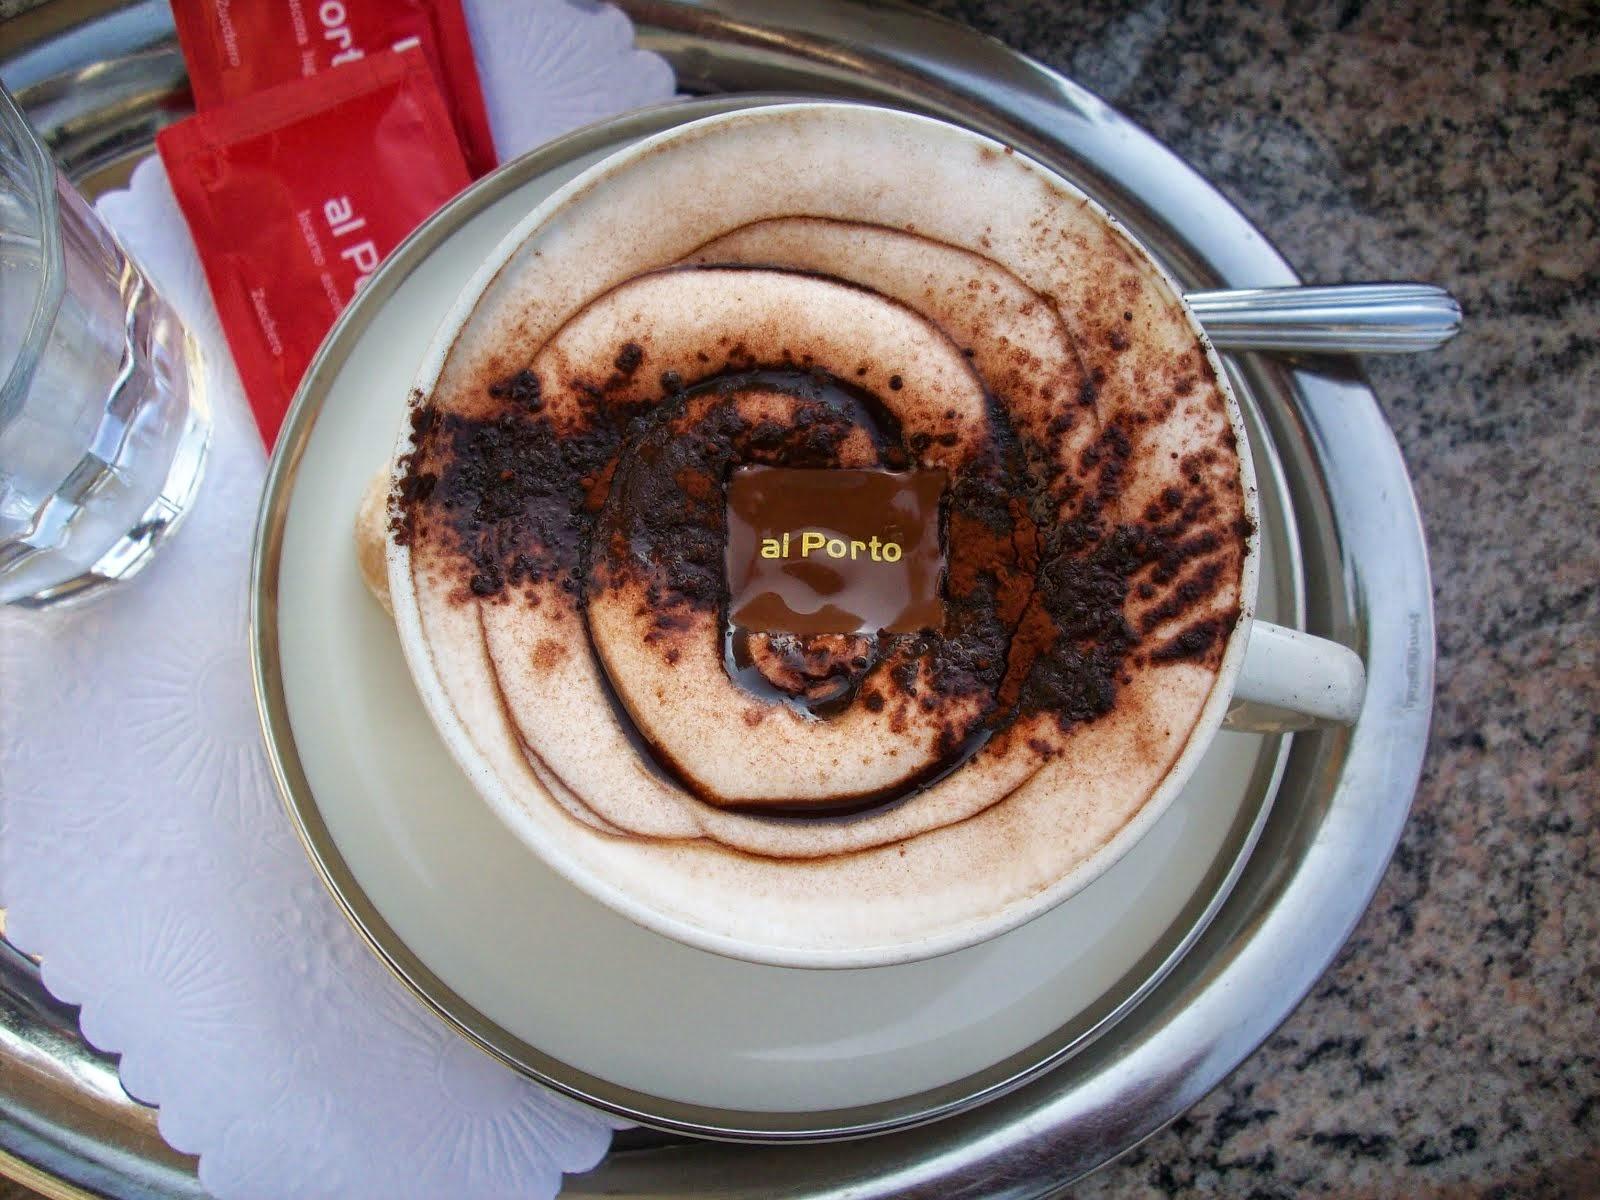 Cafe Lago Cappuccino